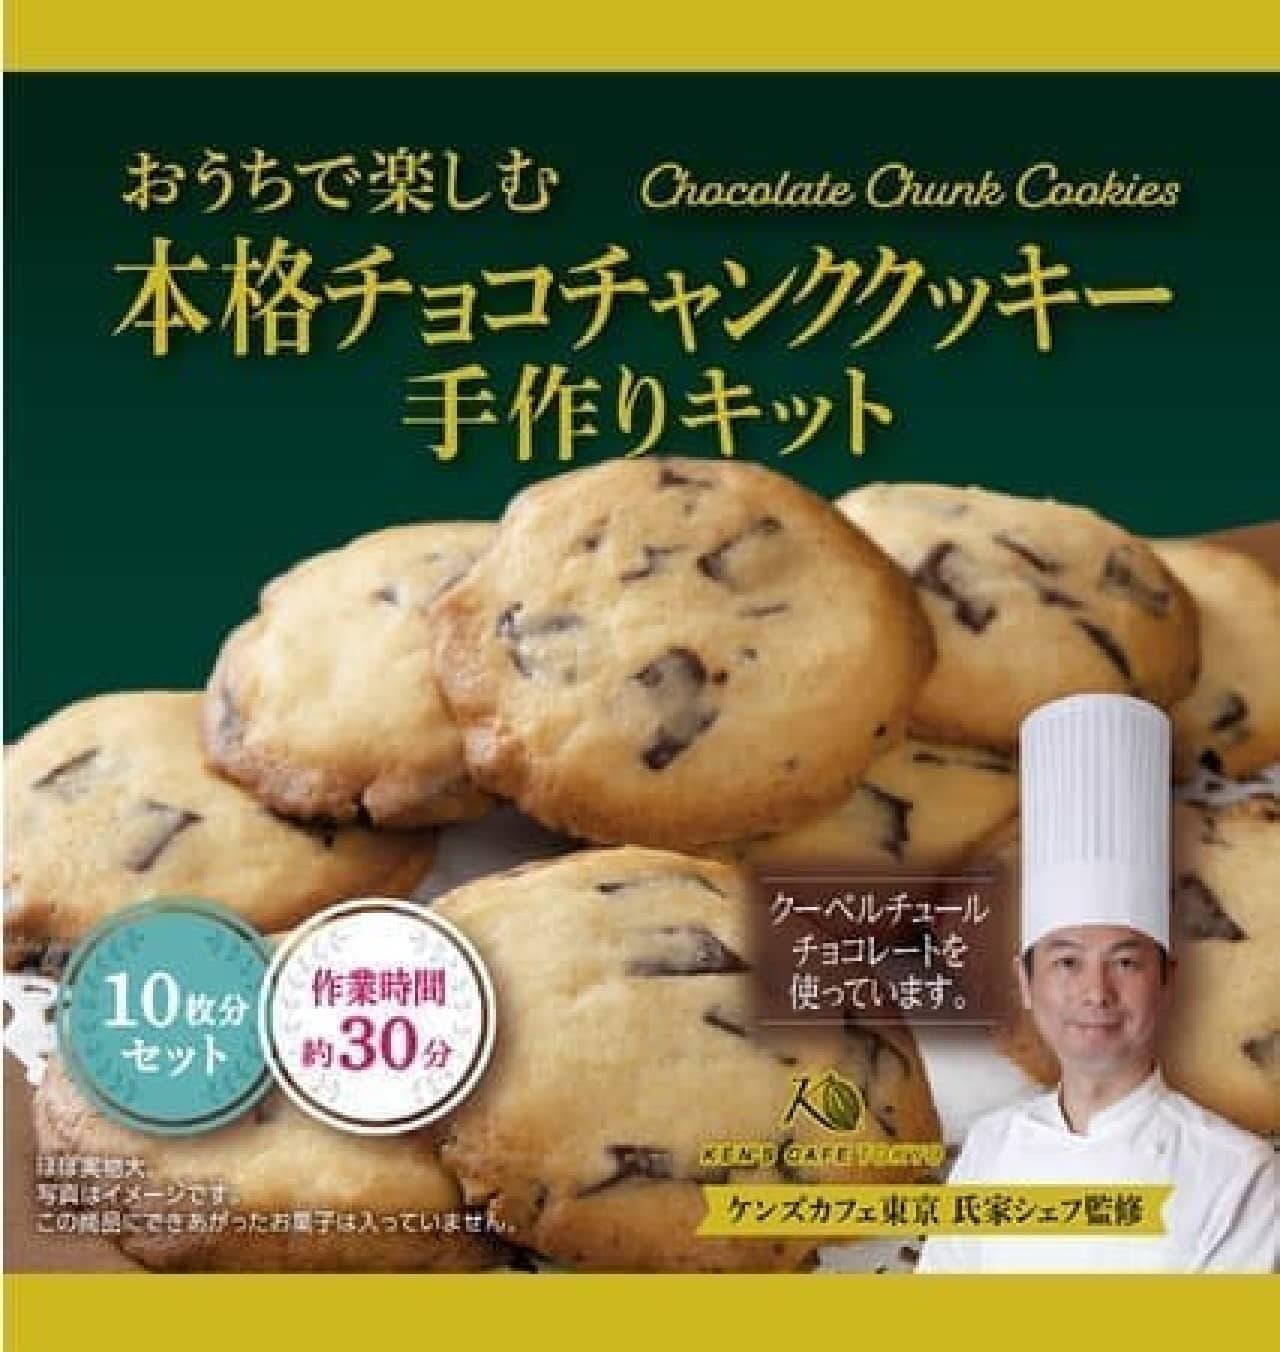 おうちで楽しむ本格チョコチャンククッキー手作りキット